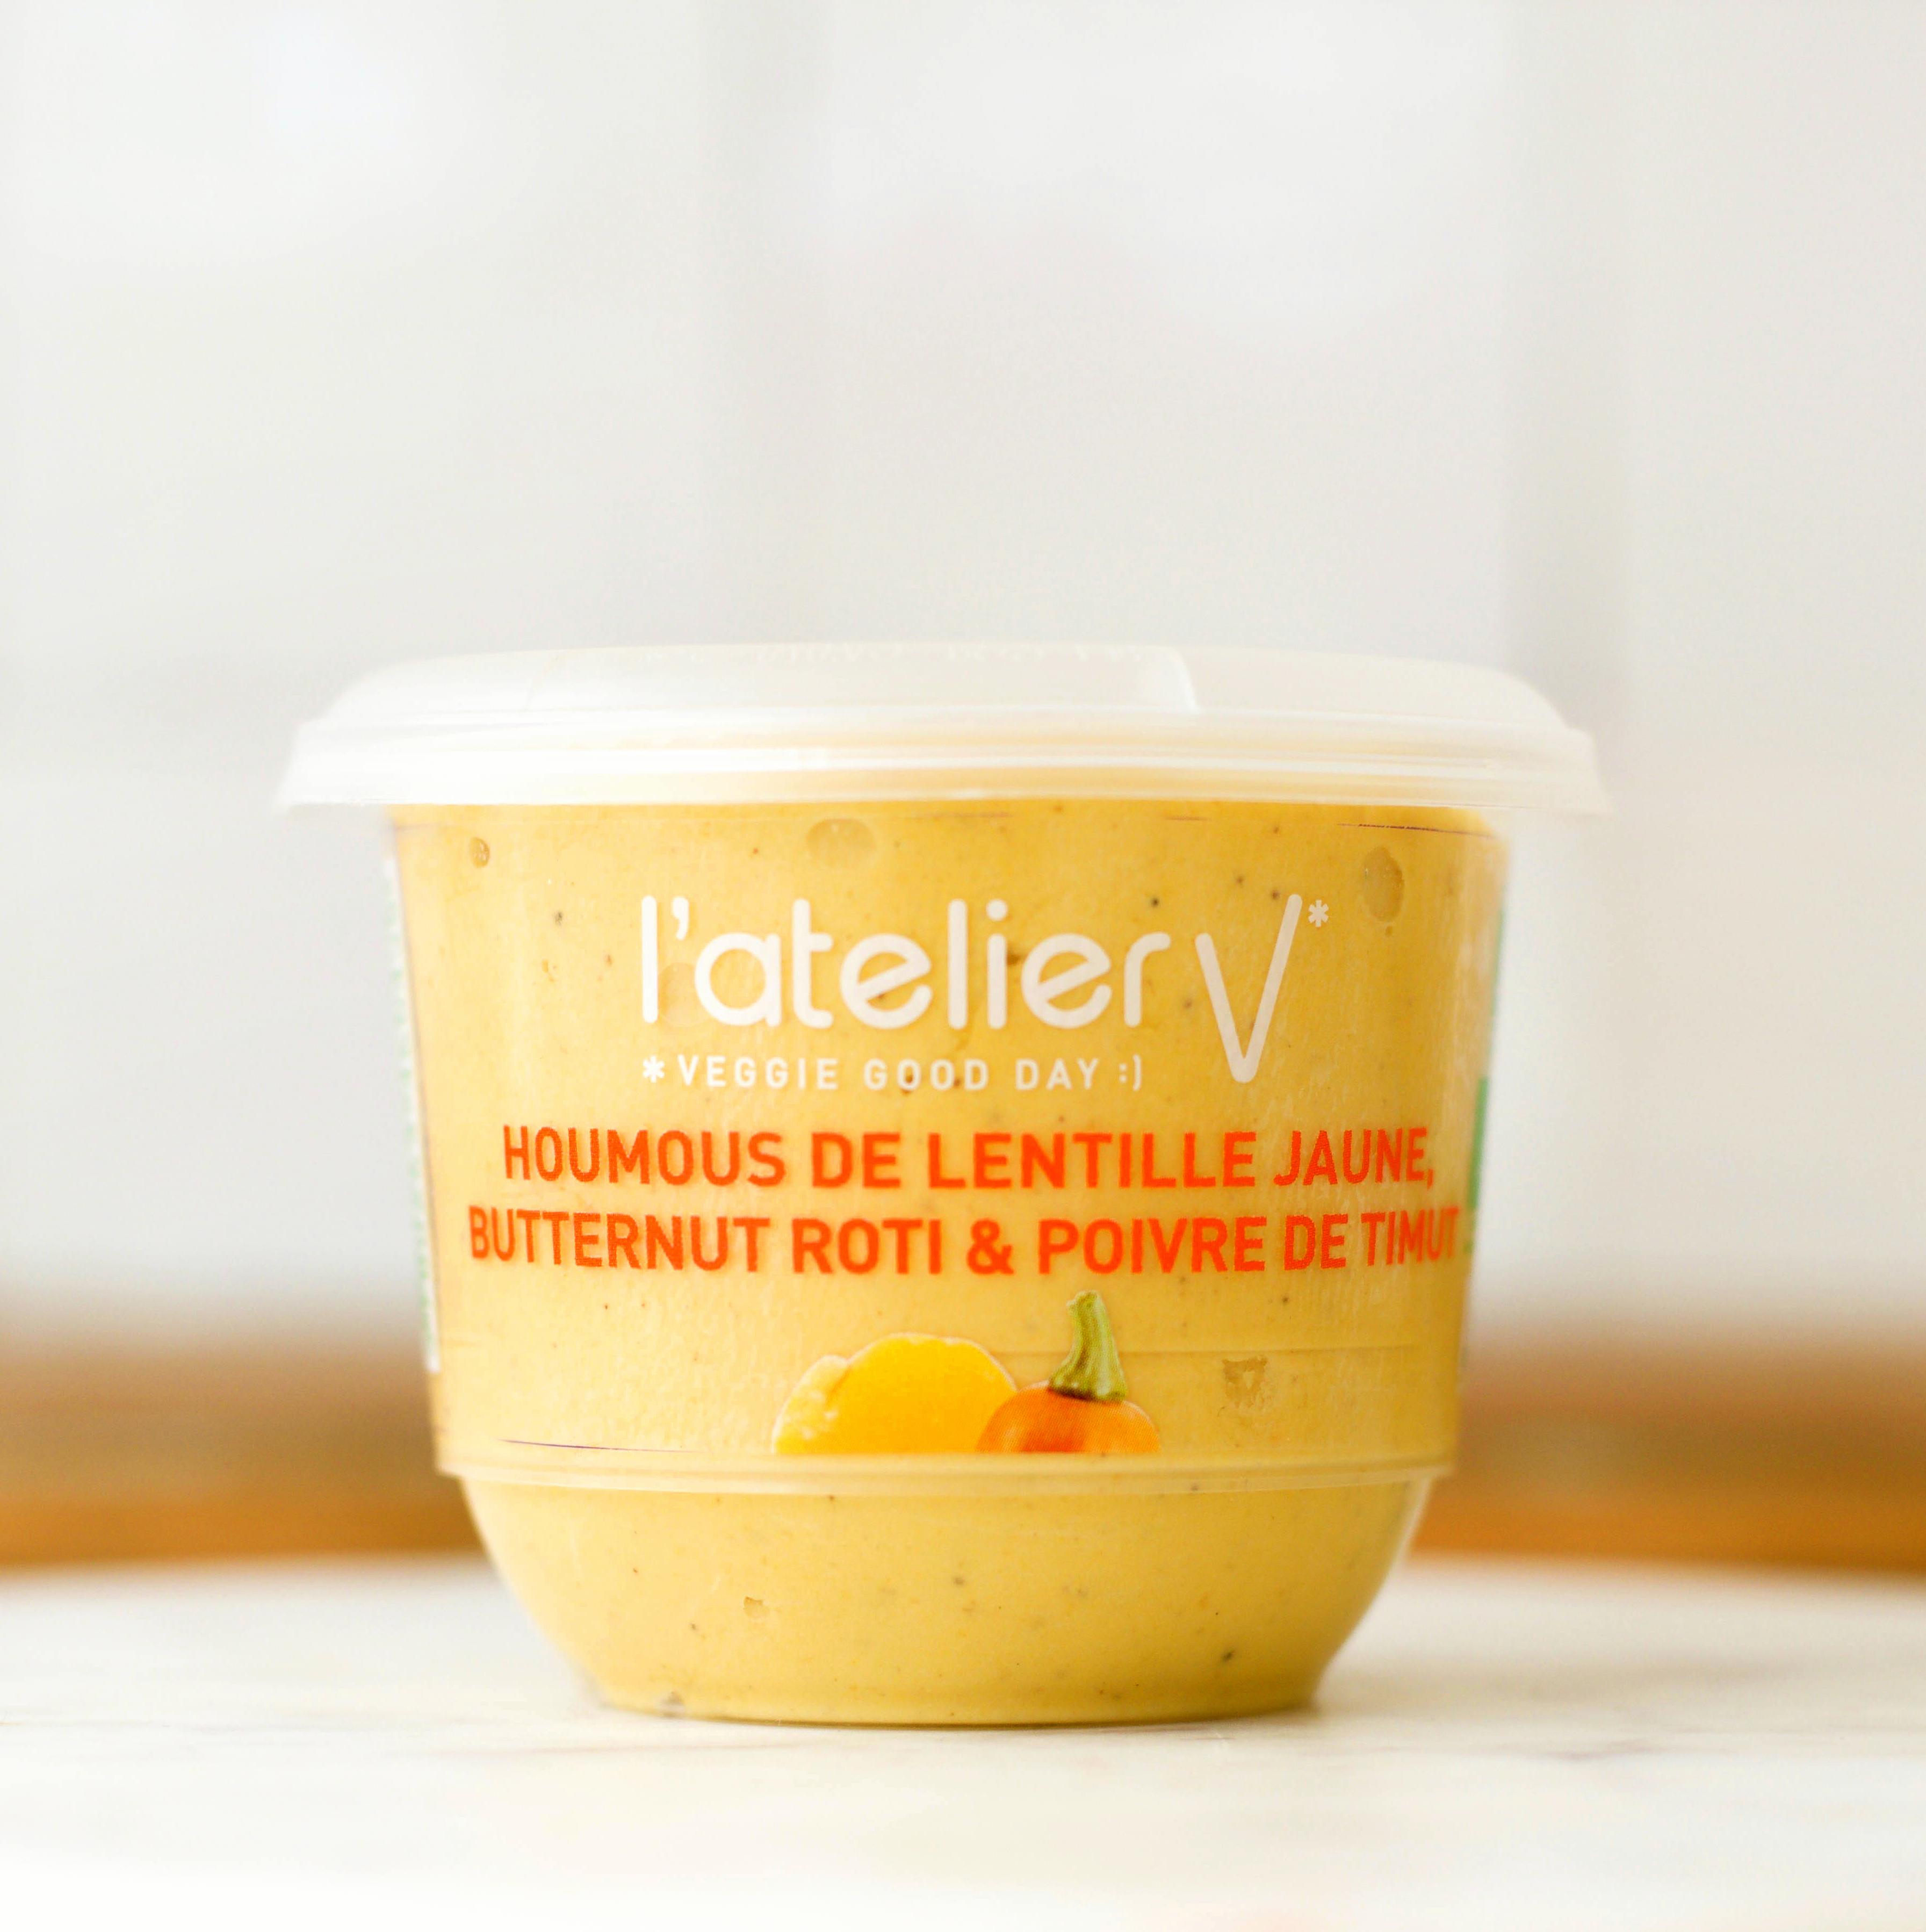 Houmous de lentille jaune, butternut rôtie et poivre de Timut